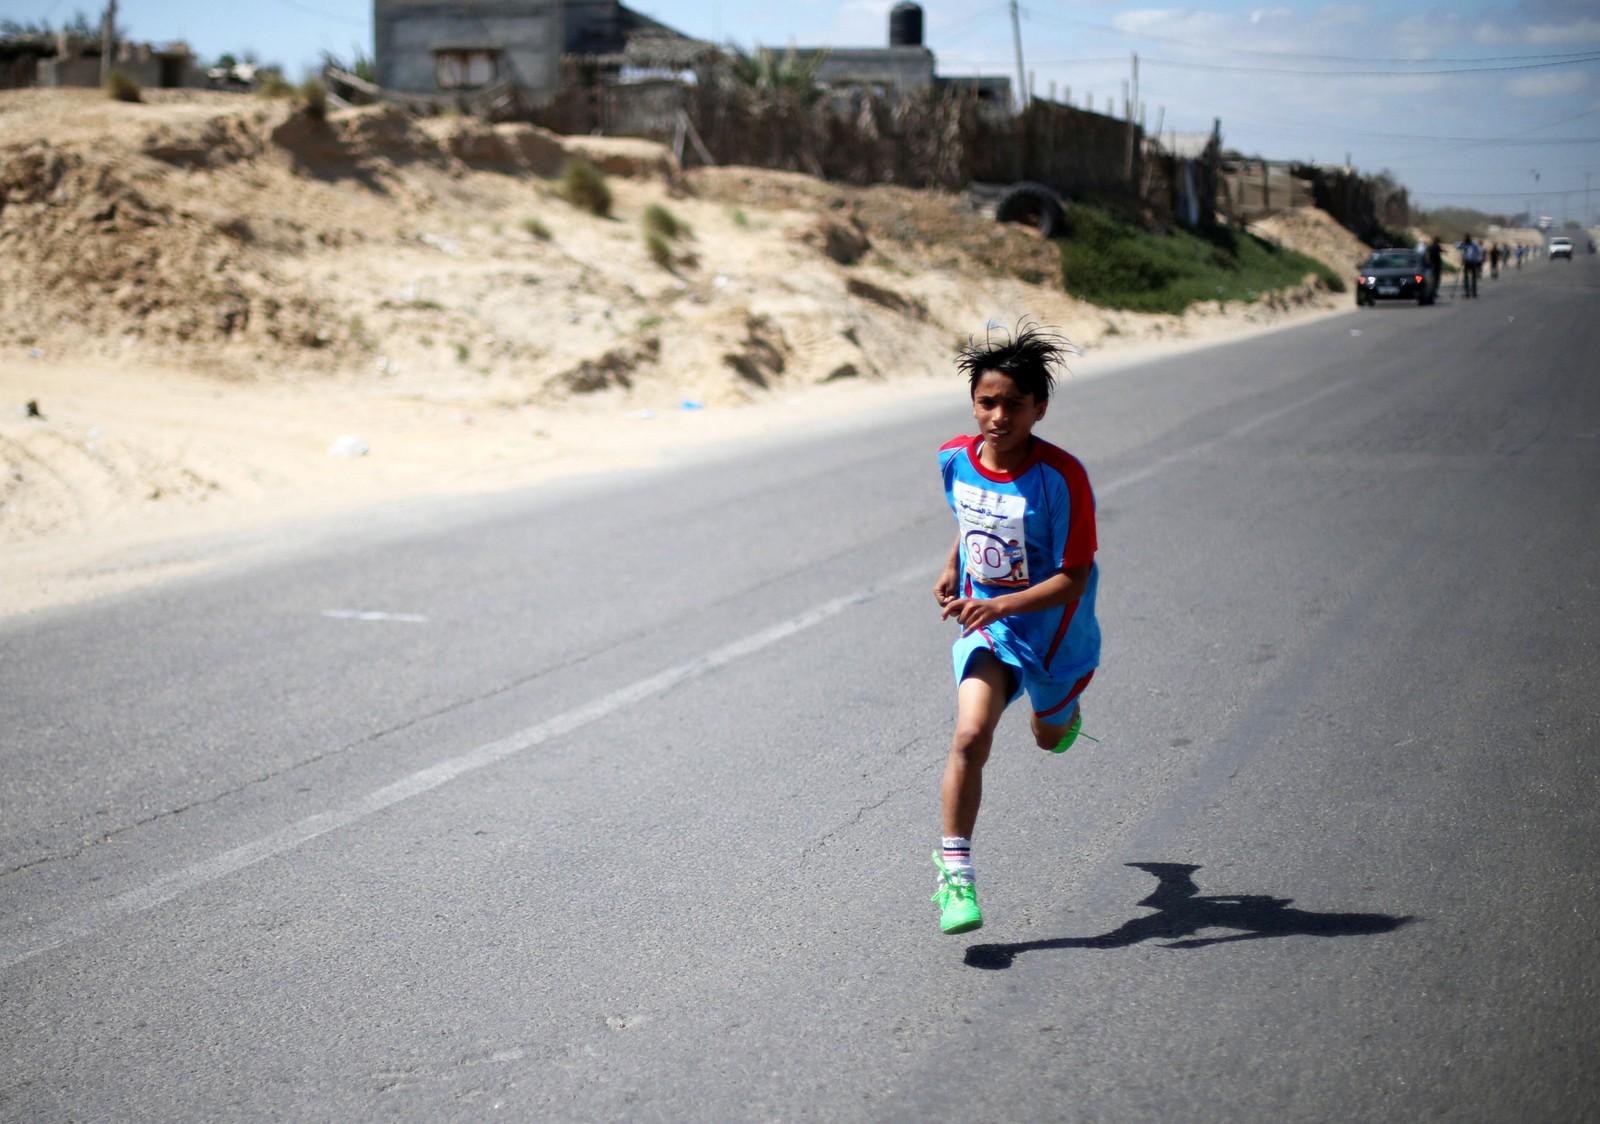 En palestinsk gutt i aksjon under et løp for barn i Khan Younis sør på Gazastripen. Løpet ble arrangert av organisasjonen CFTA.